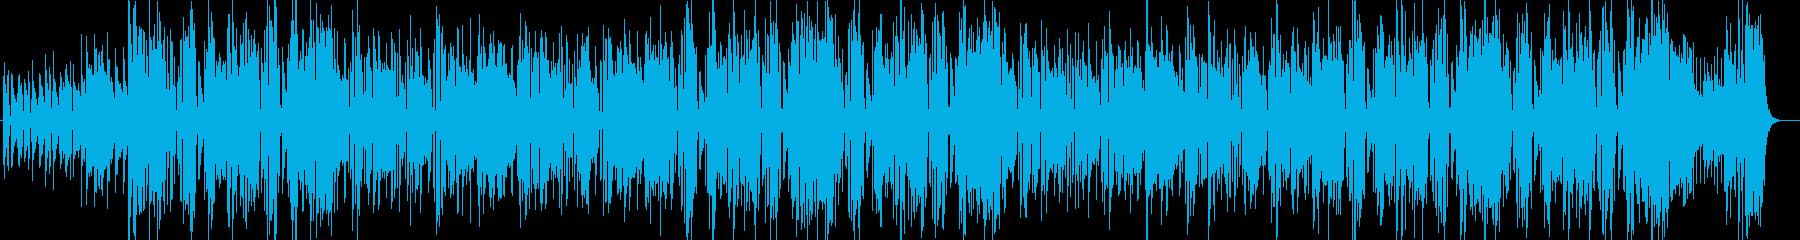 爽やかなビッグバンド コンテンポラリー系の再生済みの波形